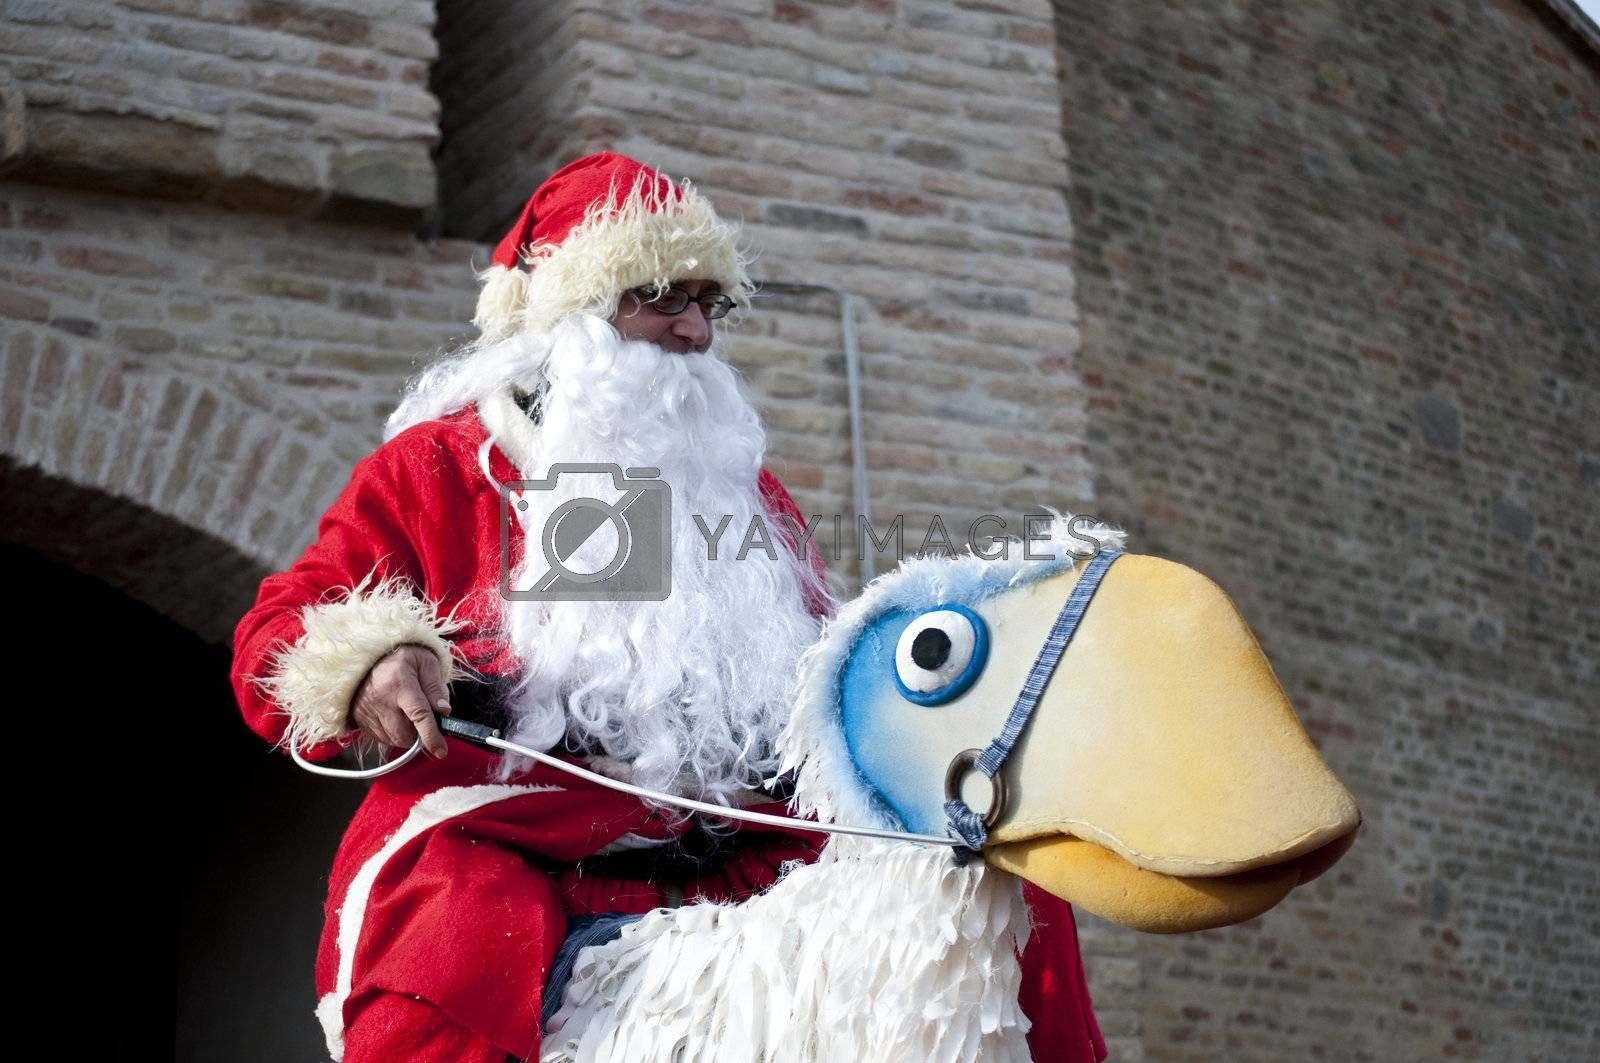 Santa Claus riding a fake ostrich.